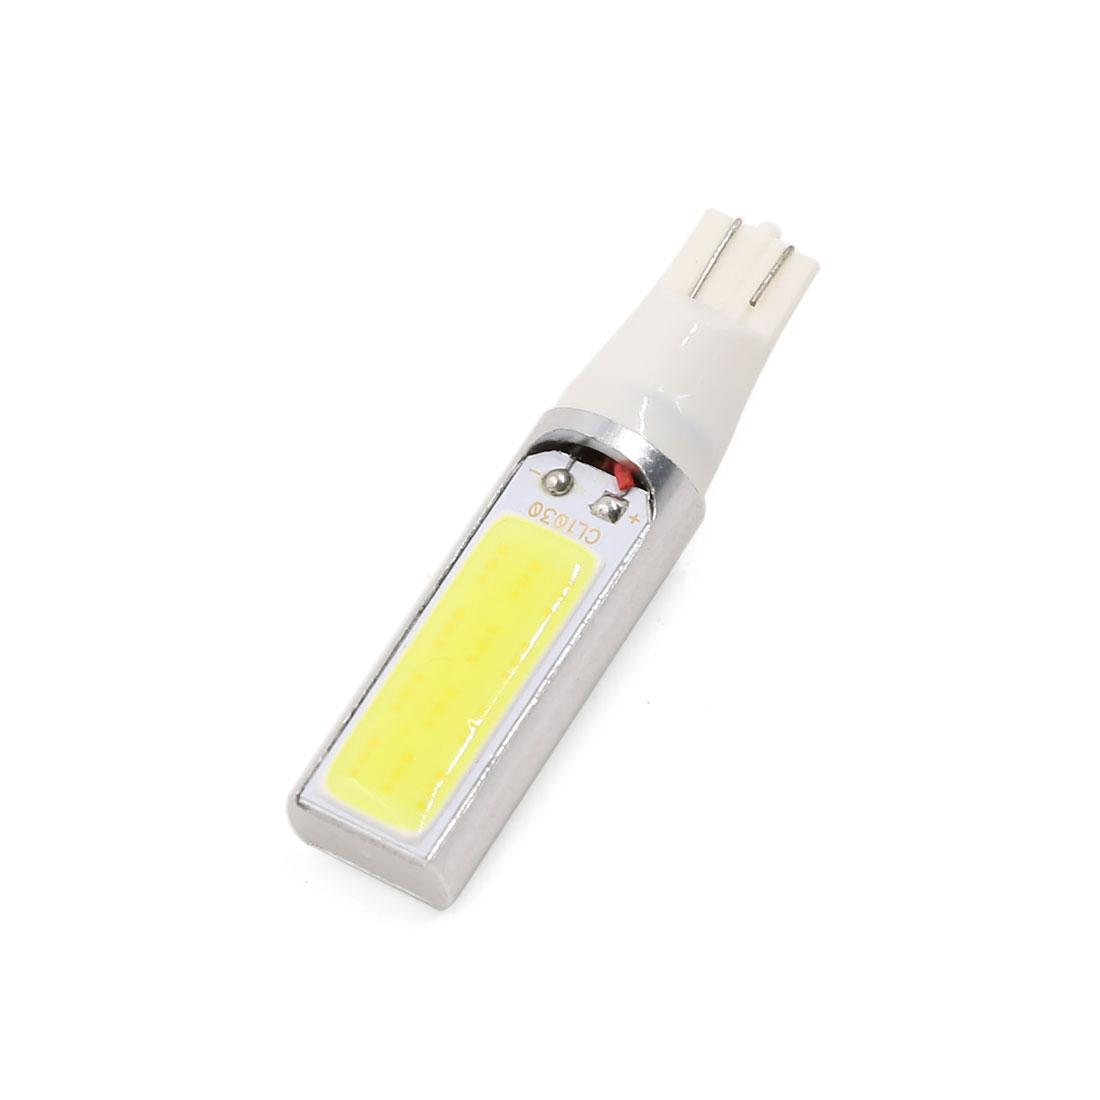 DC 12V 15W T10 194 168 W5W COB White LED Light Backup Fog Brake Lamp Interior